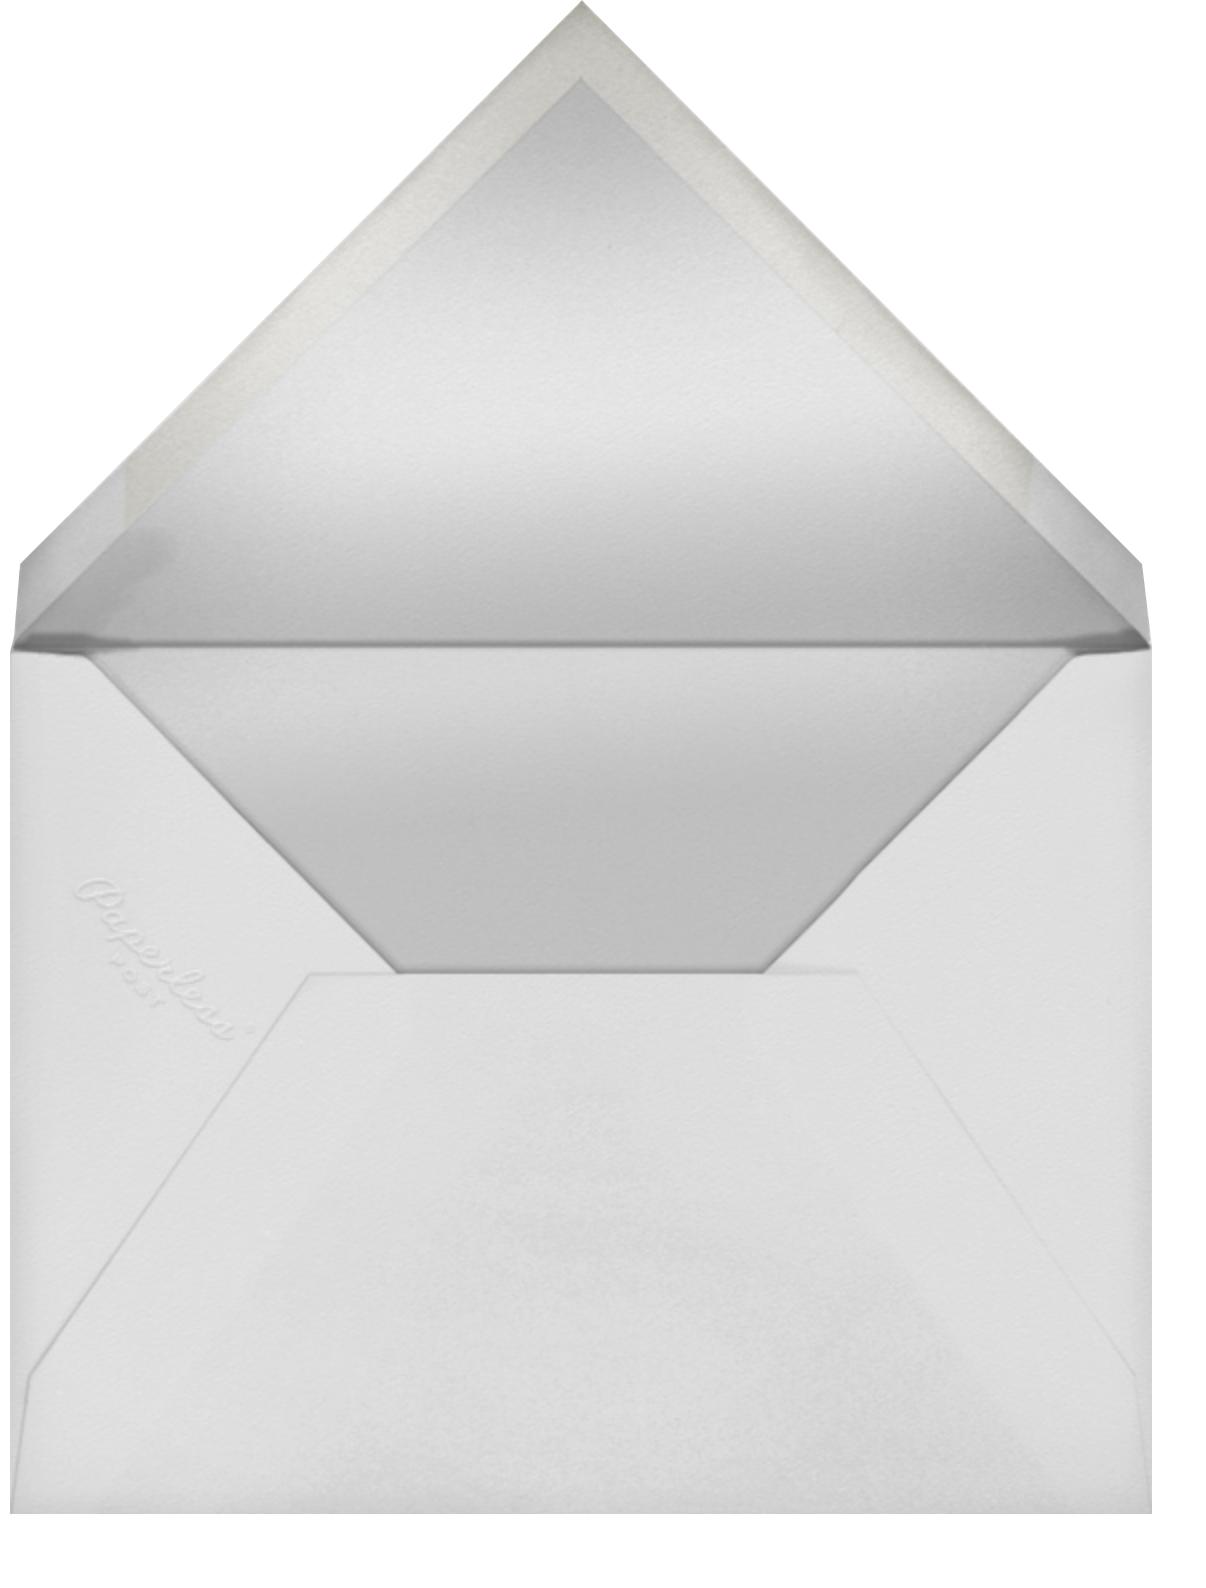 Fette (Program) - Gold/White - Kelly Wearstler - Menus and programs - envelope back